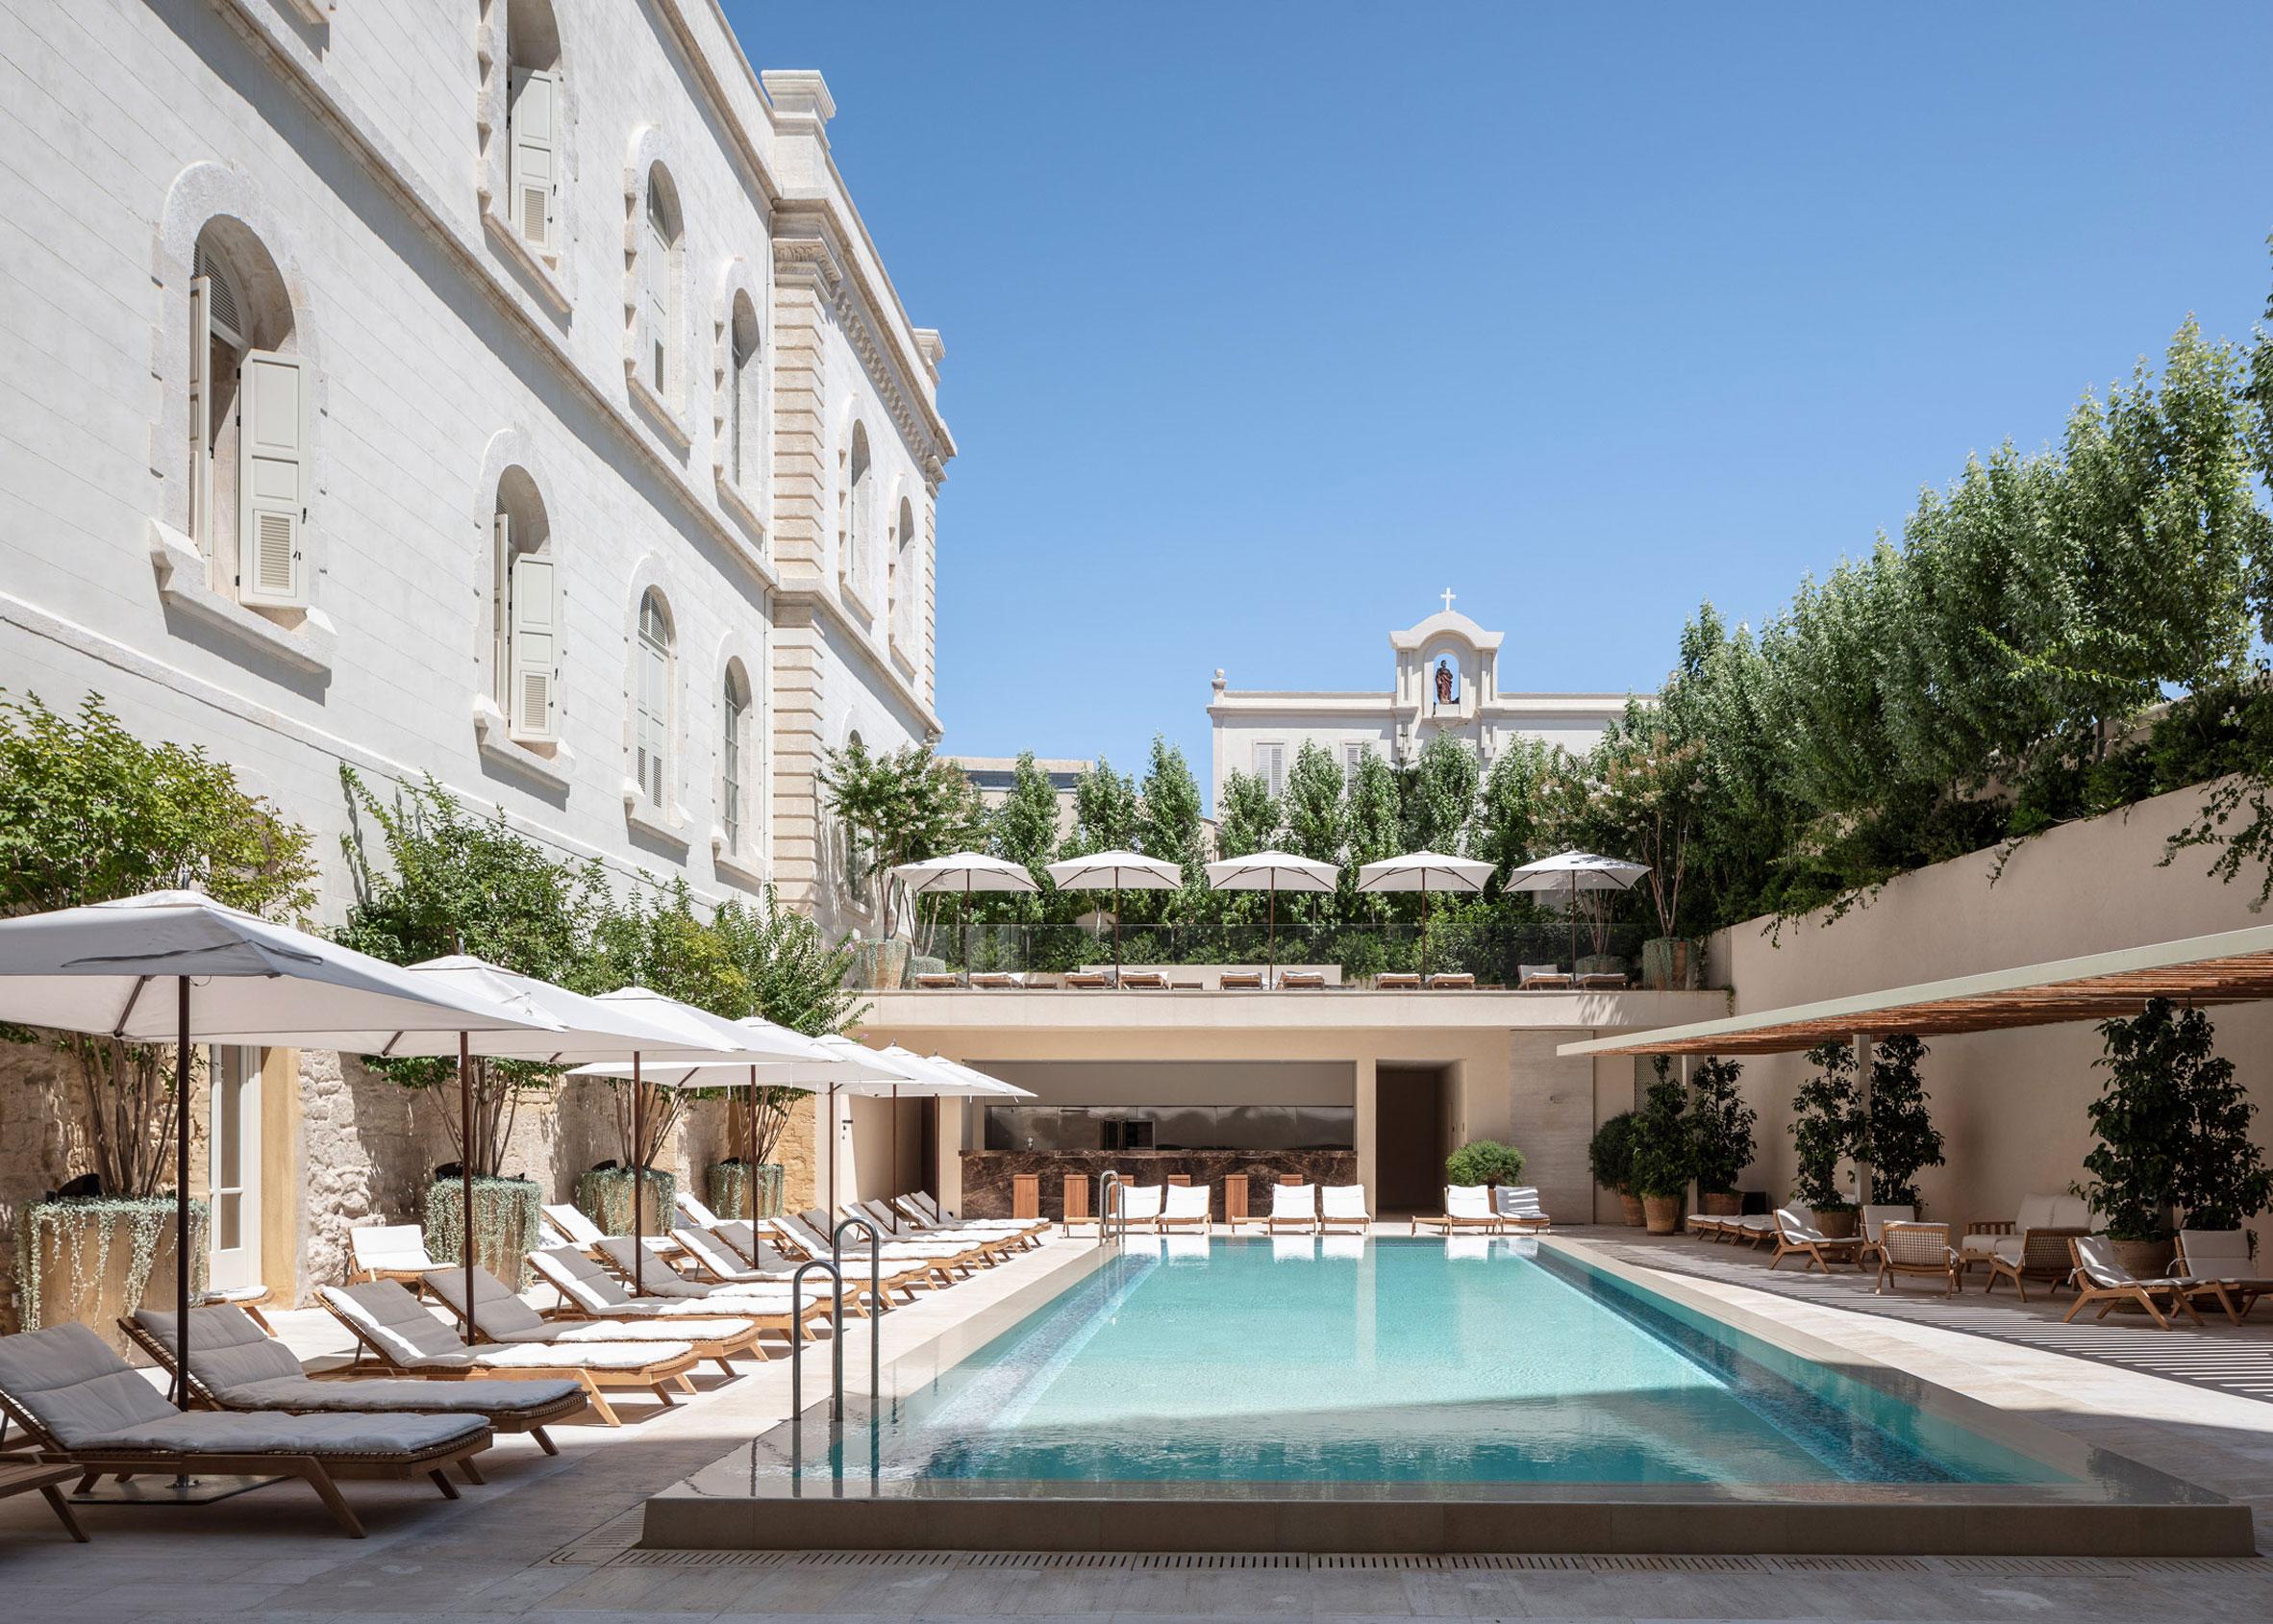 Jaffa Hotel, Israel, by John Pawson